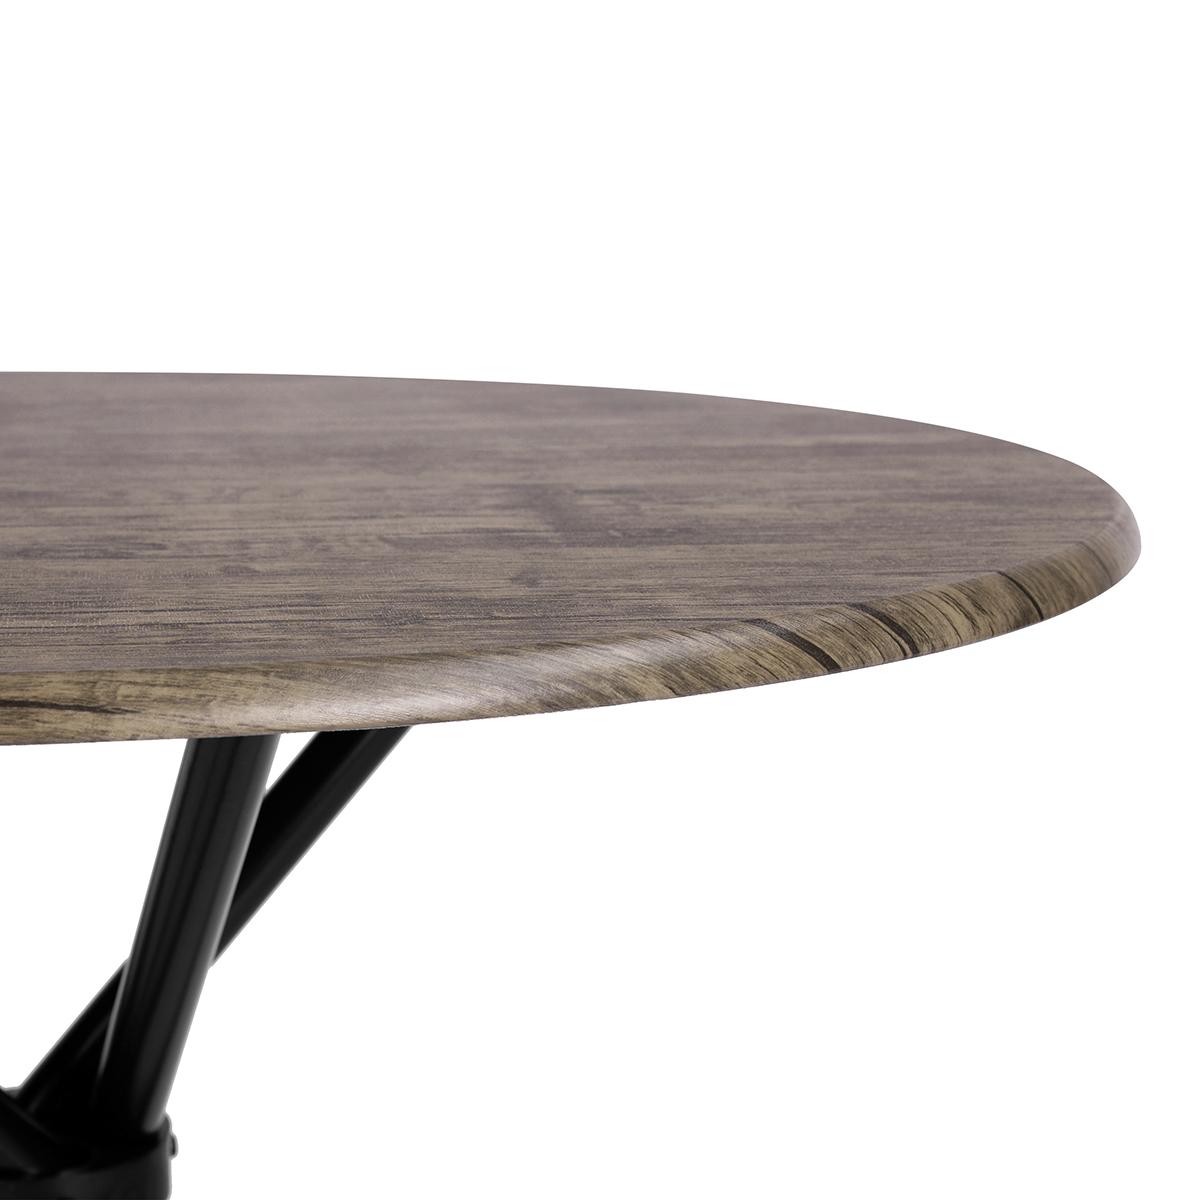 Vintage Dining Room Table: FurnitureR Retro Table Vintage Design Dining Table For